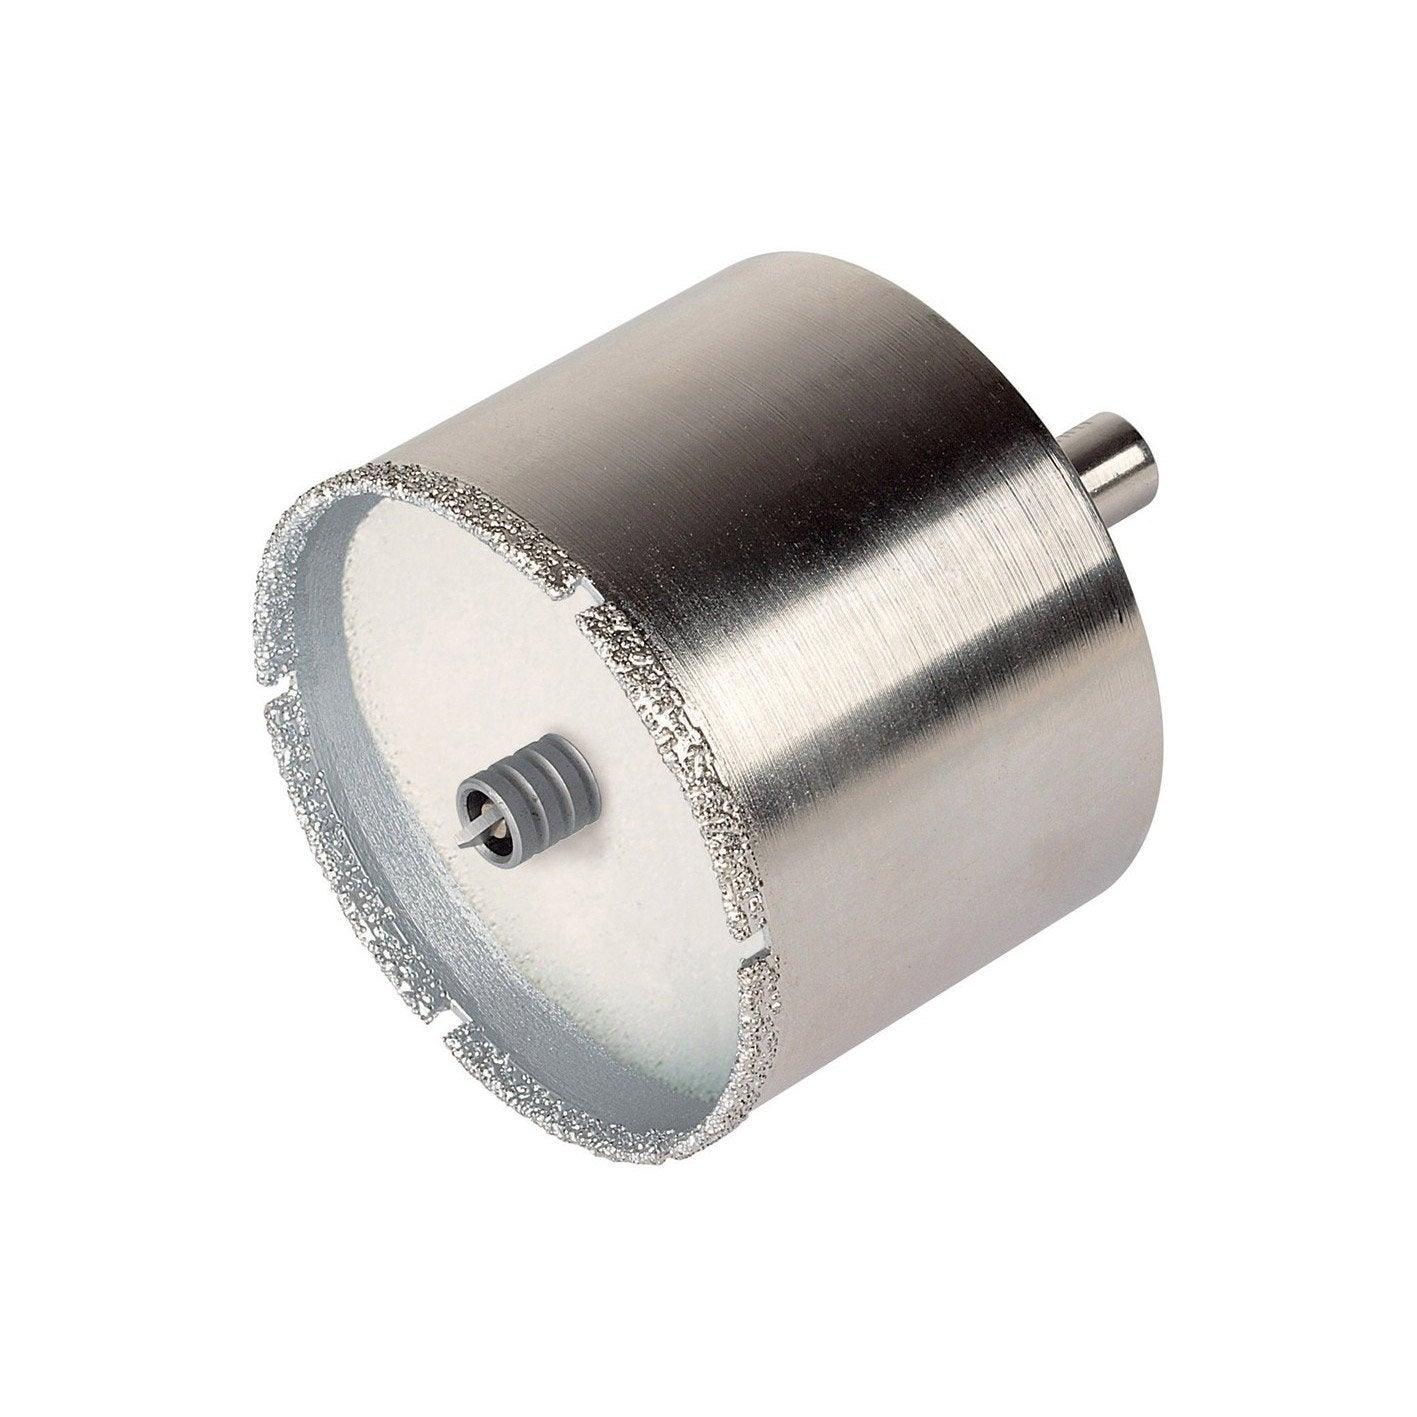 v p produits outillage perceuse ponceuse meuleuse et scie electrique accessoires consommables l